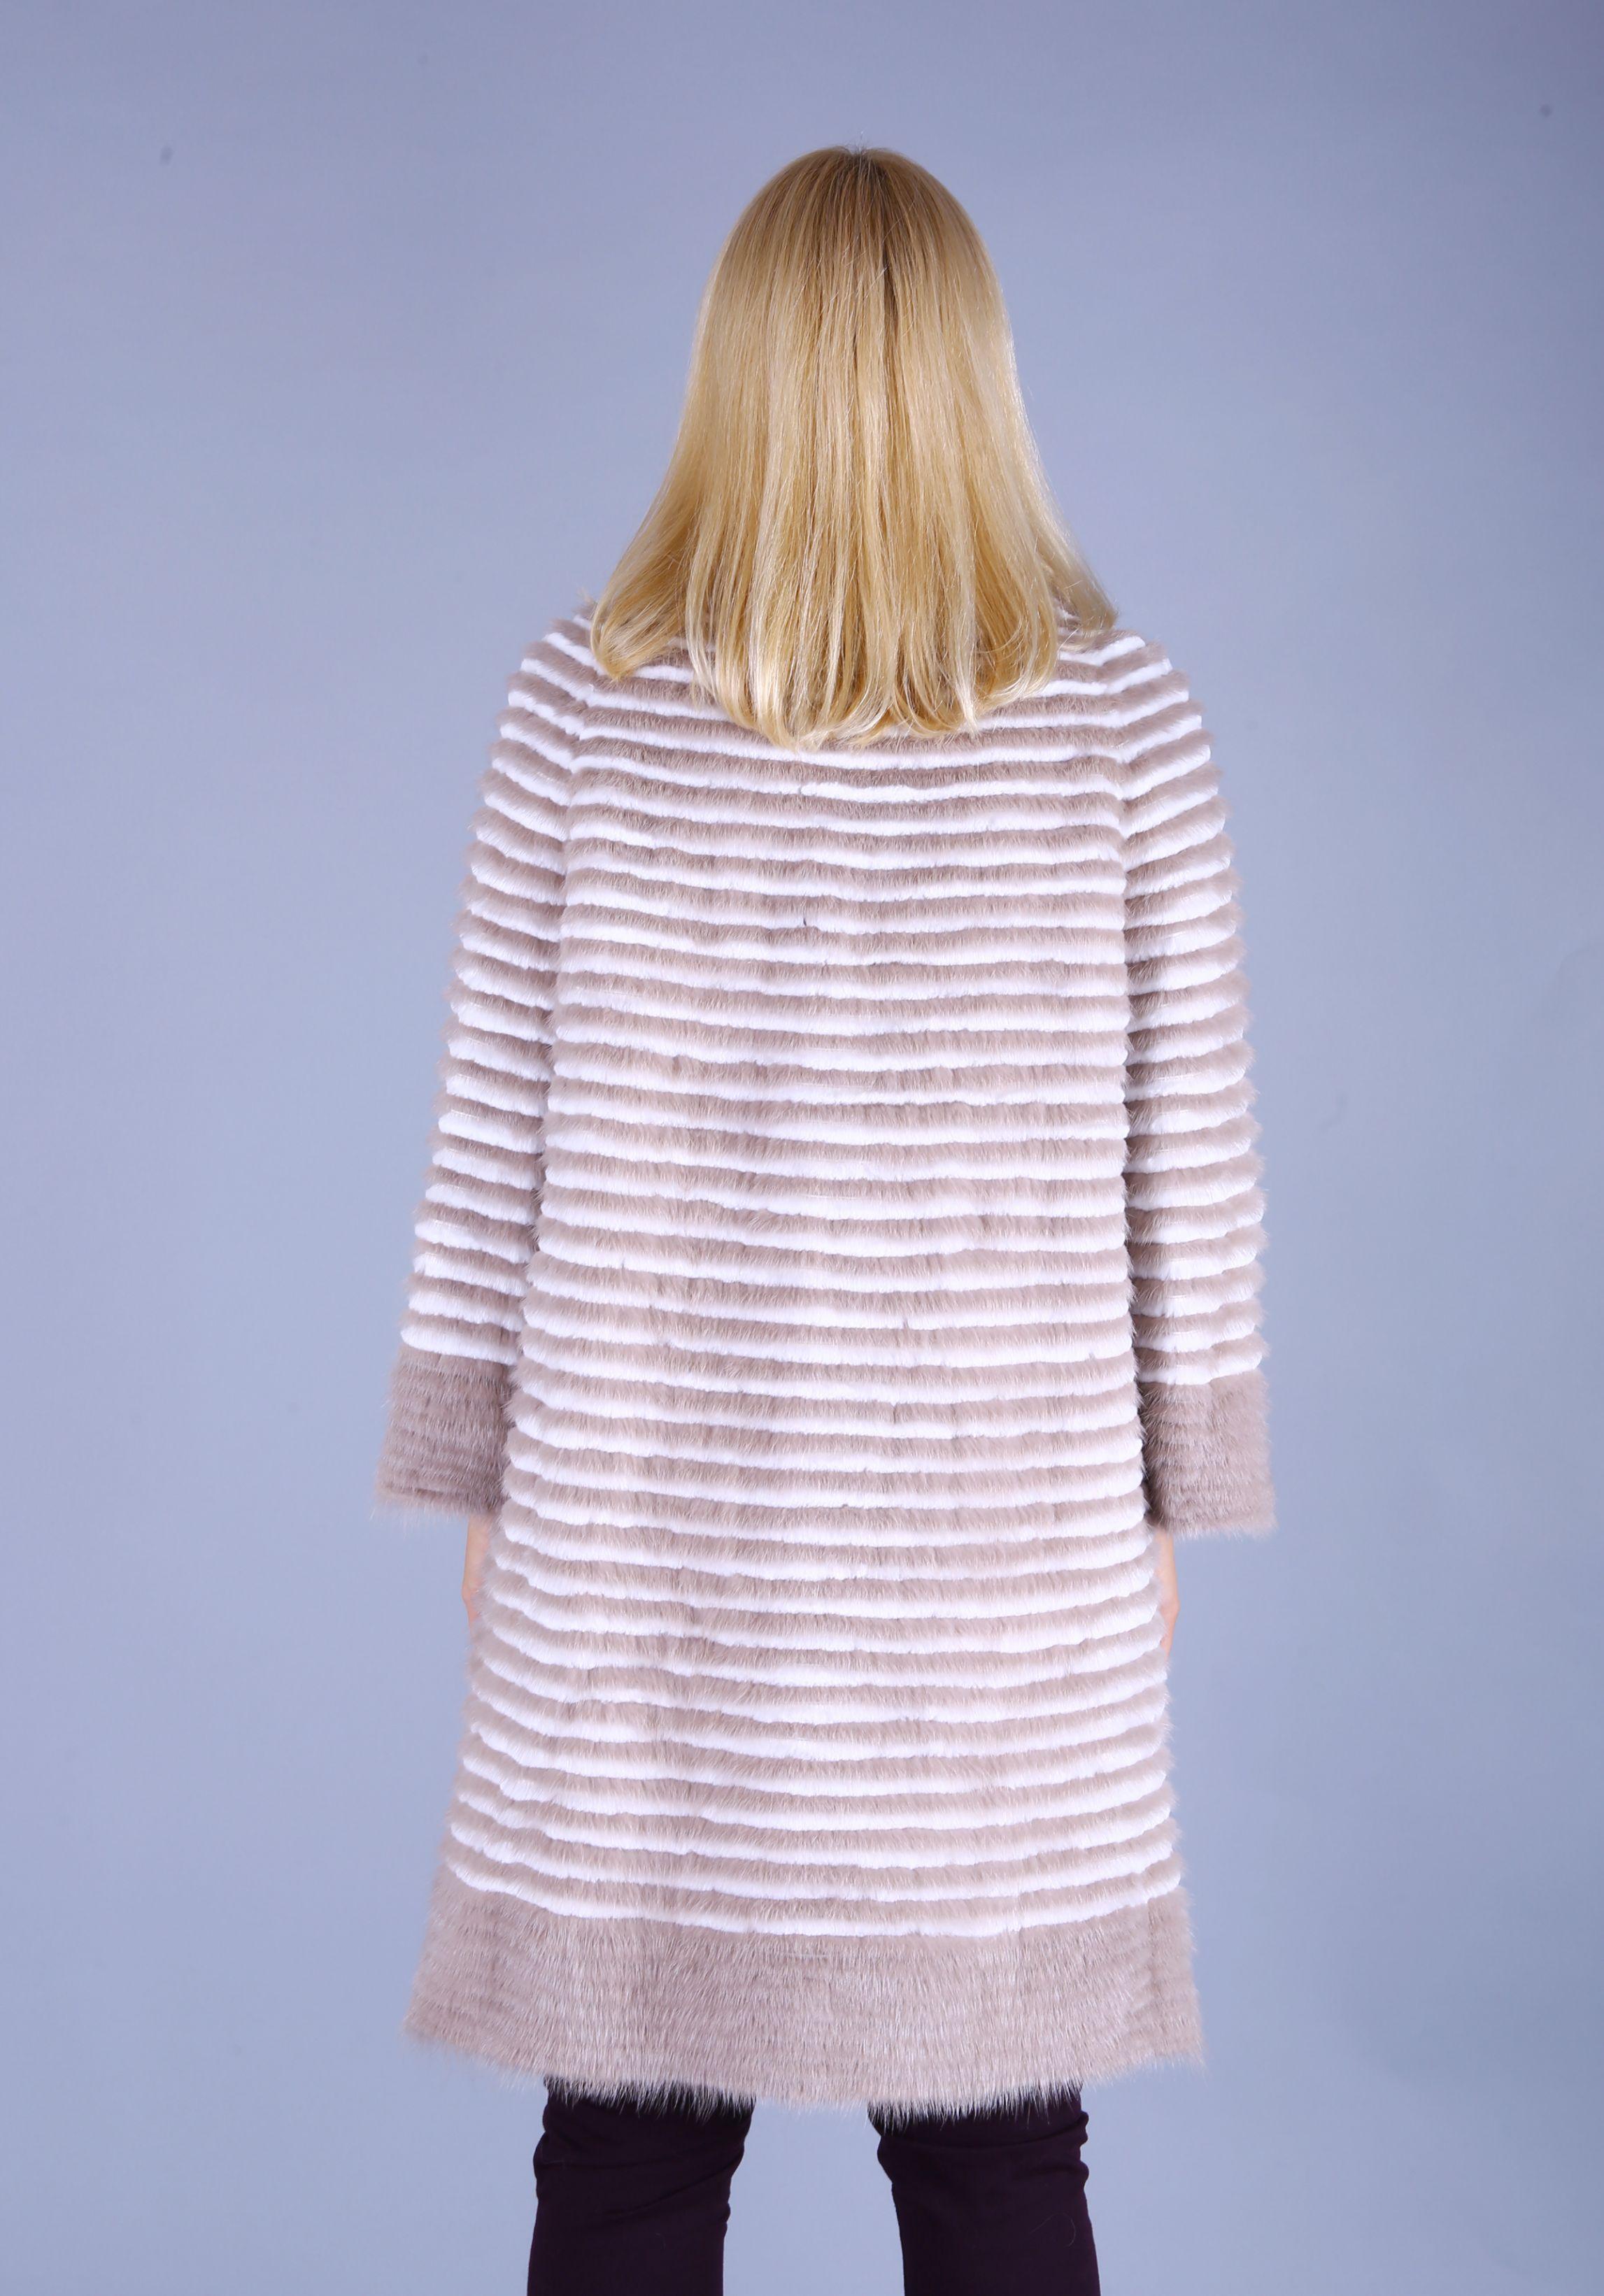 Кофта женская из меха норки w21990 фото №1